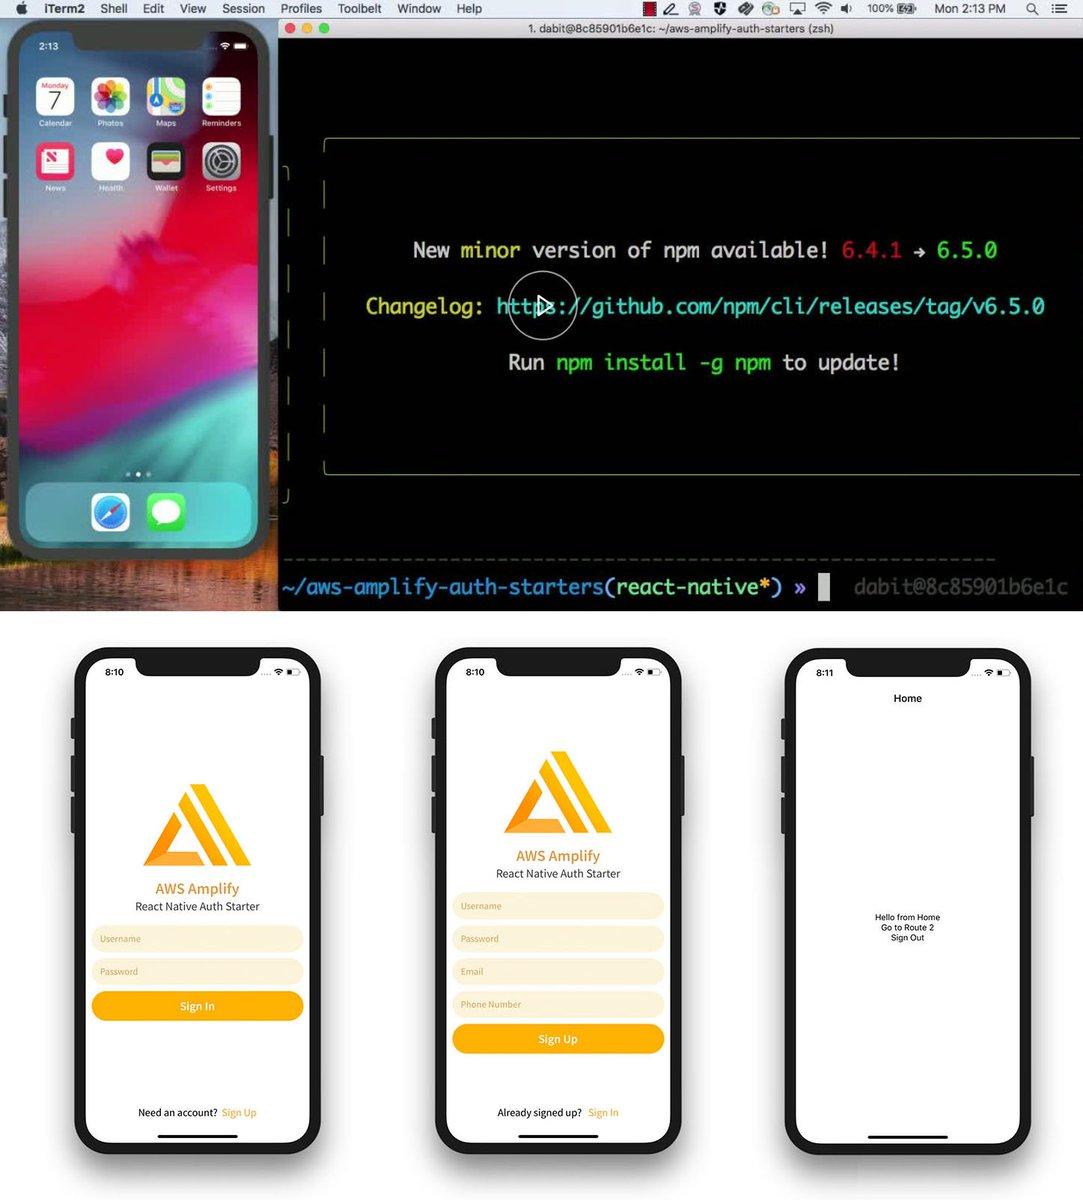 Amplify add auth